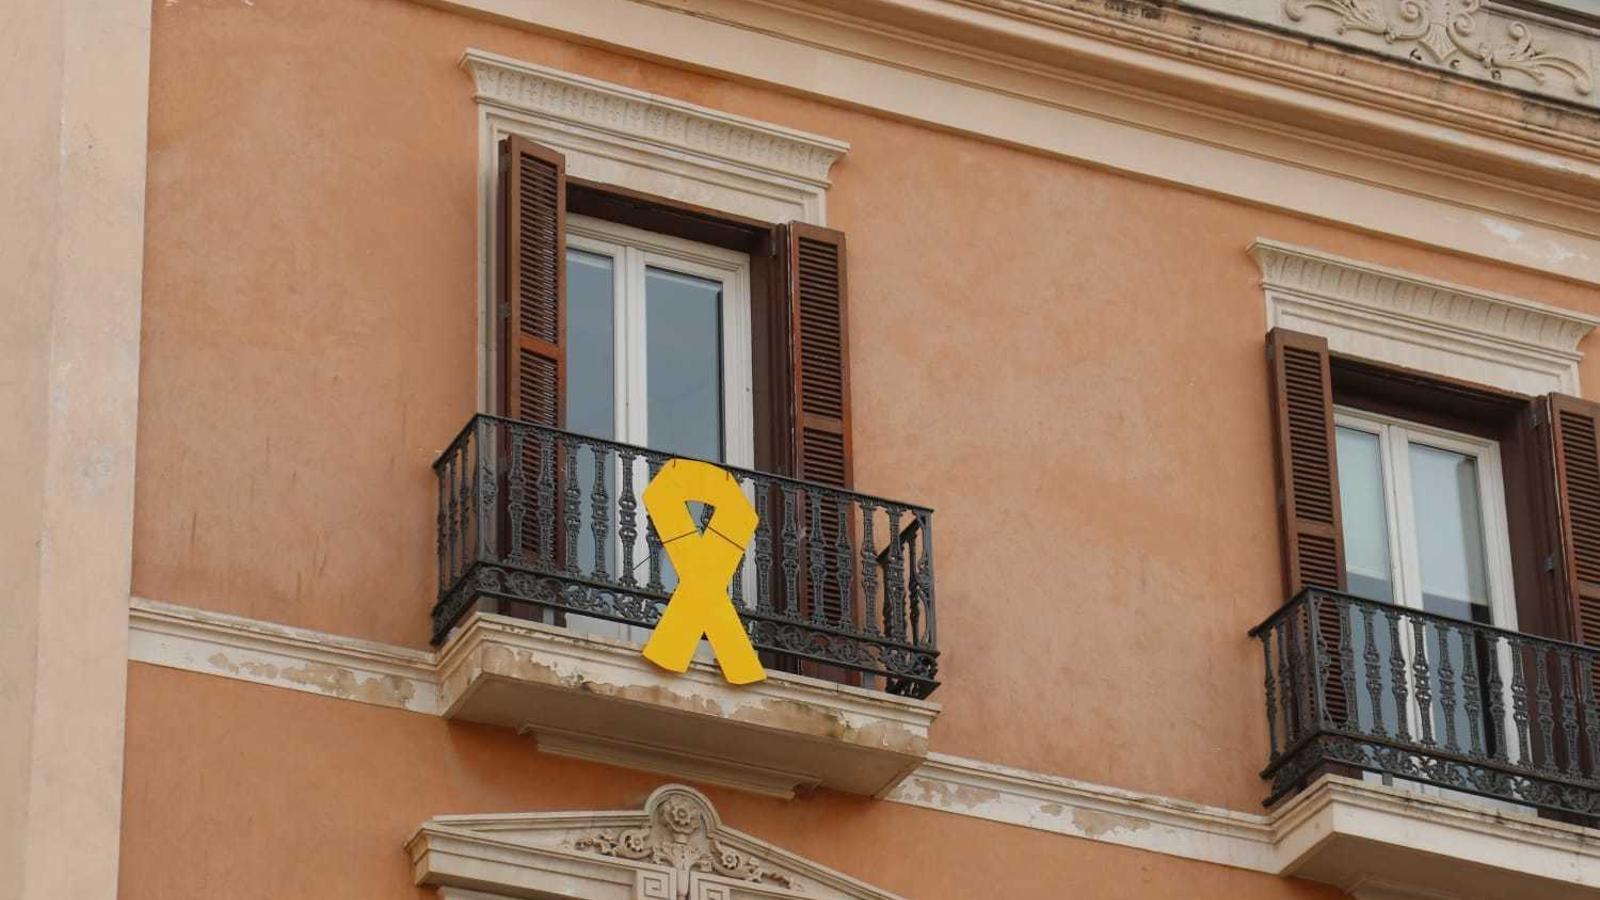 El llaç groc que llueix al balcó de les oficines del grup parlamentari MÉS per Mallorca.